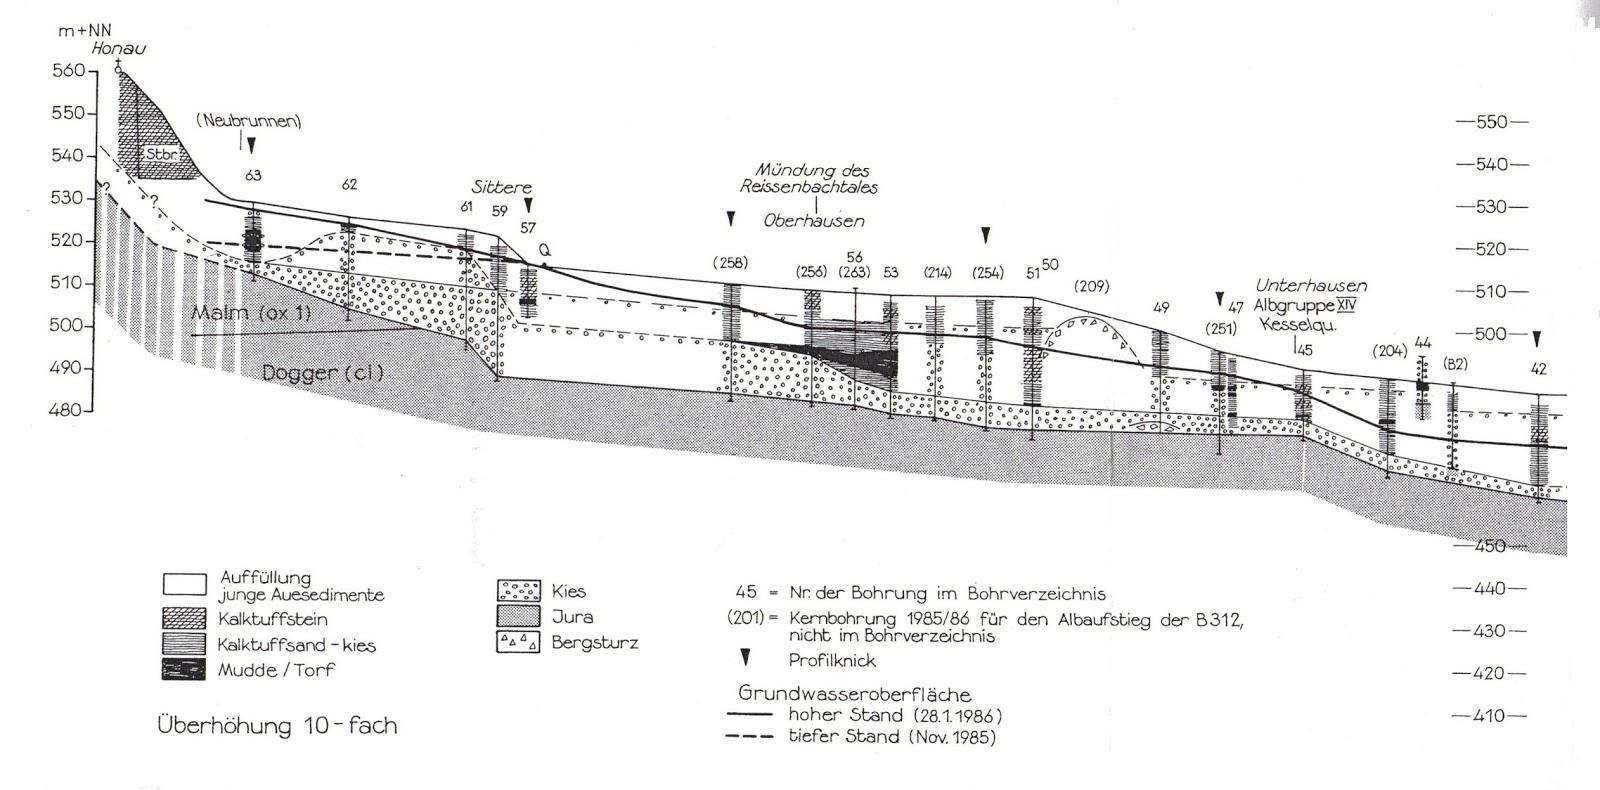 albaufstieg b312 stadtbahn: kernbohrungen in den jahren 1985/86